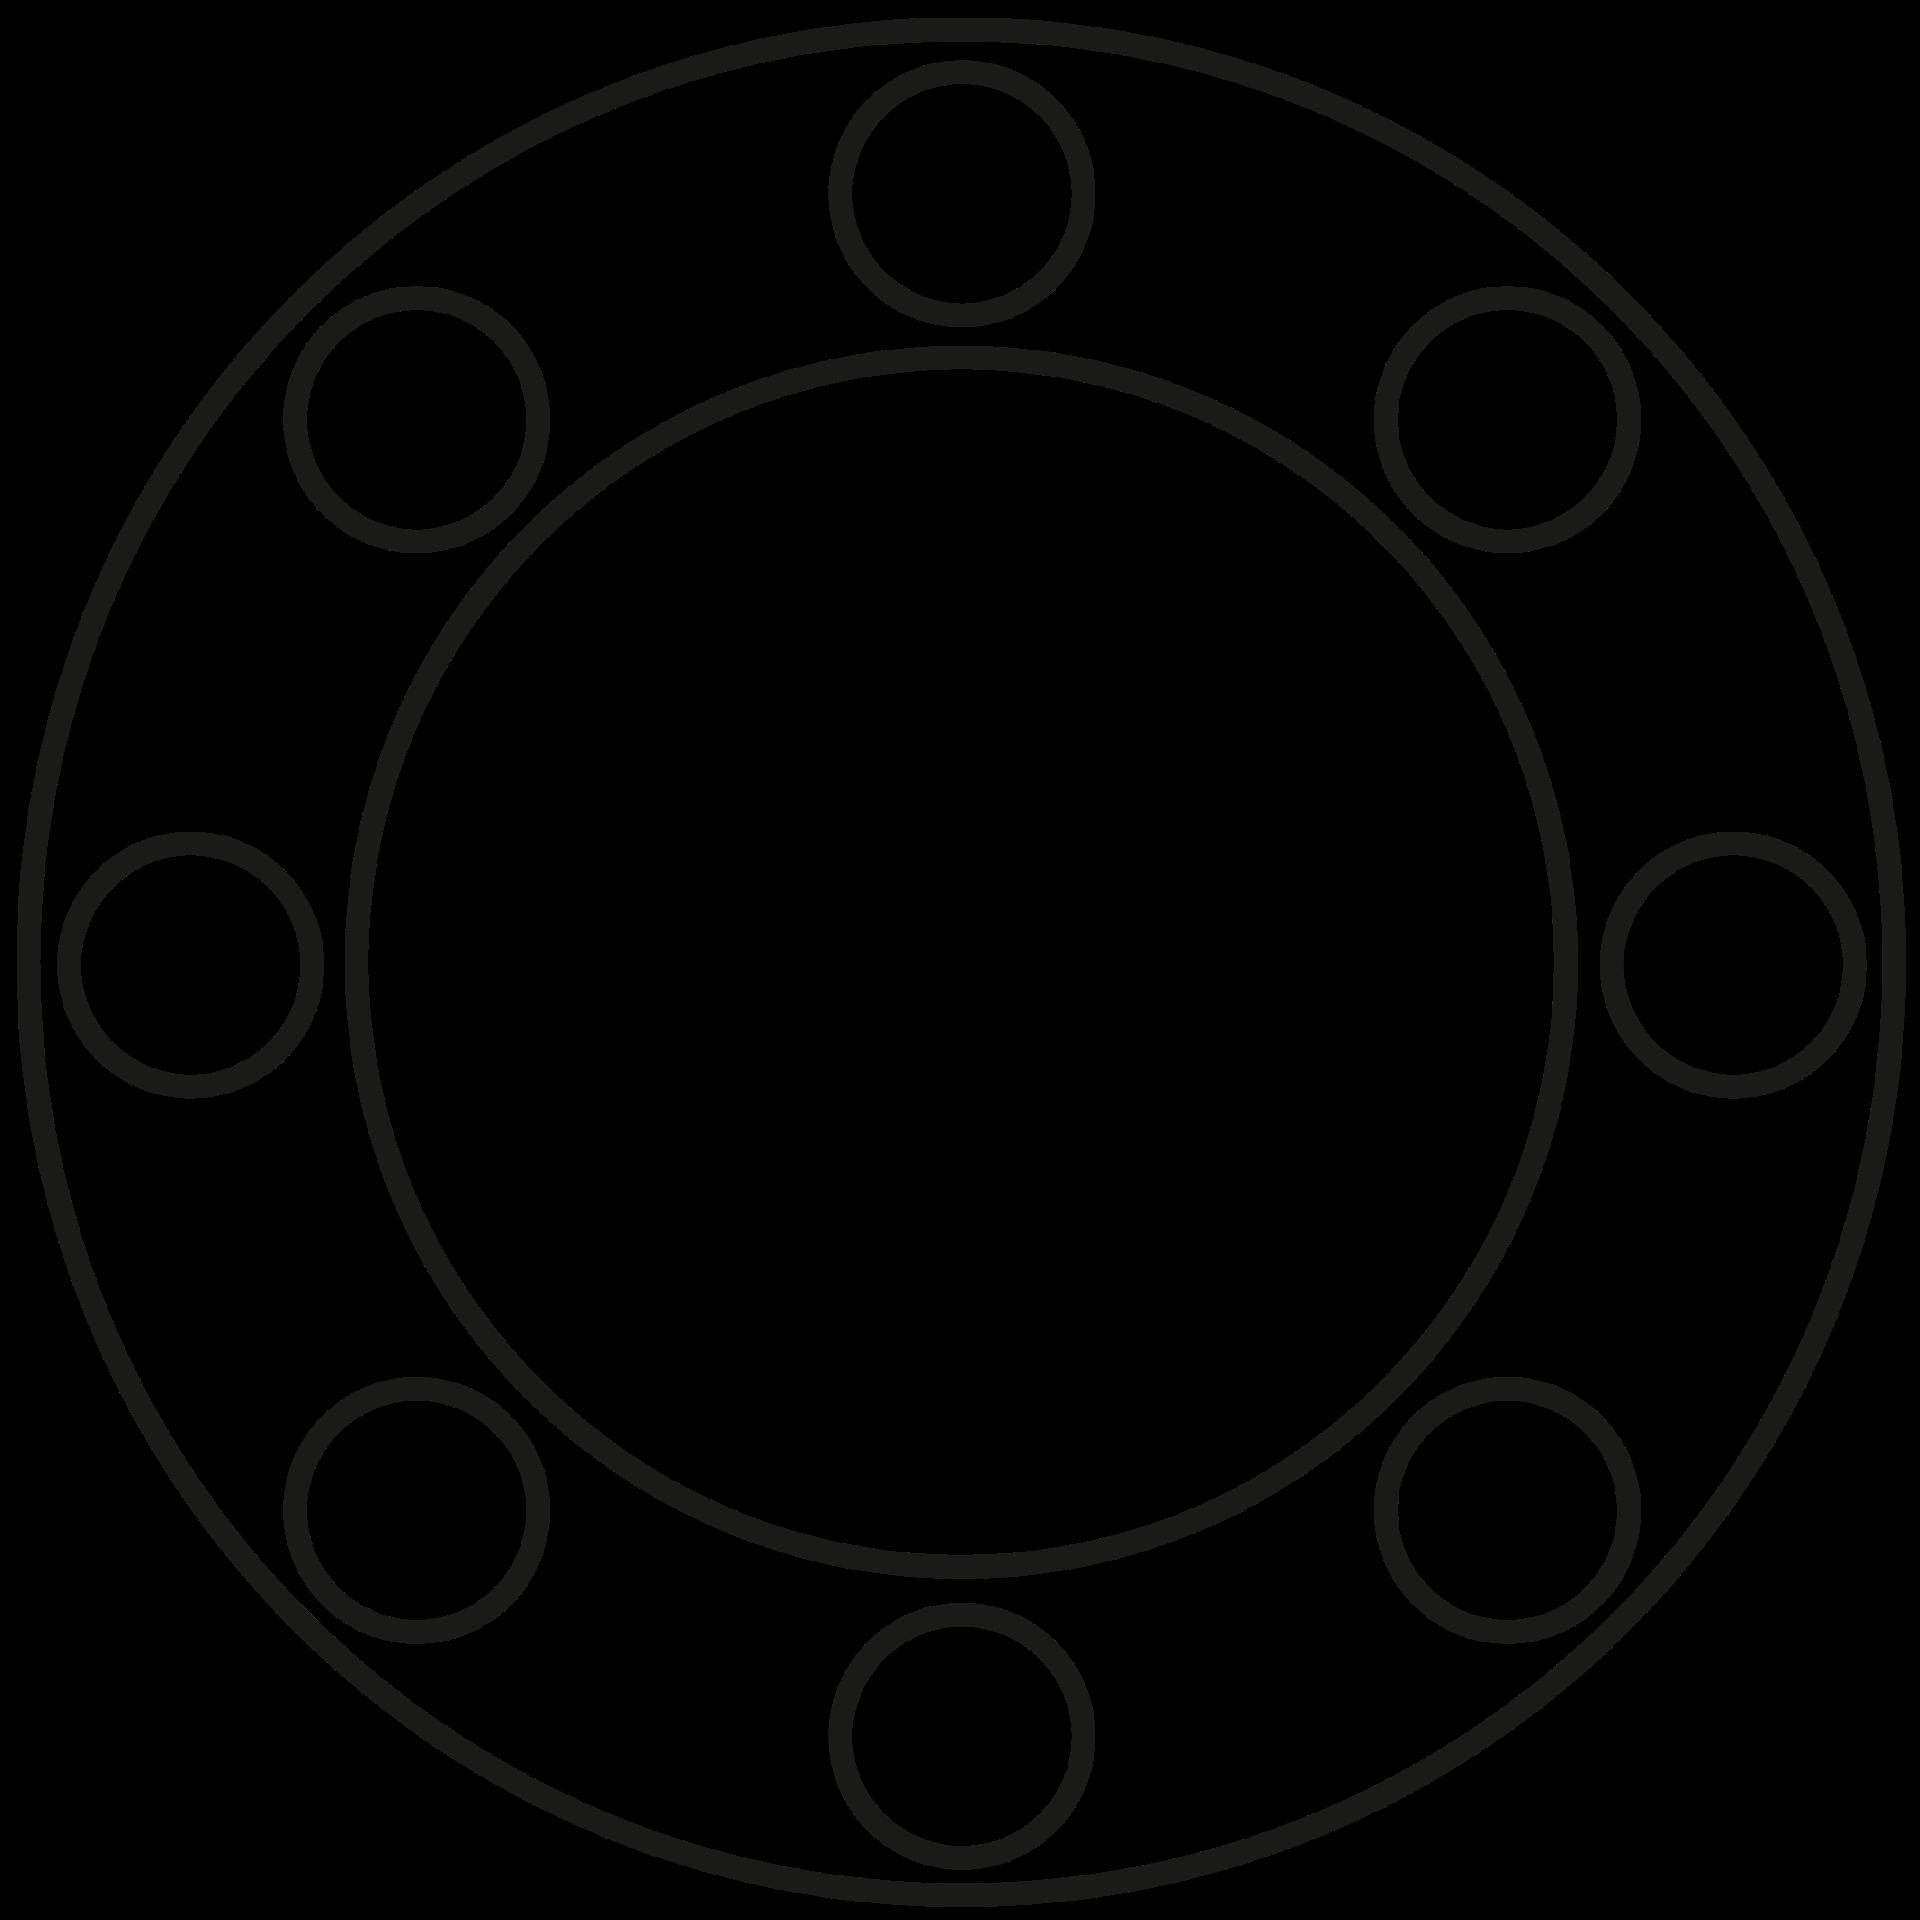 mk-dent-icon-bearing-black